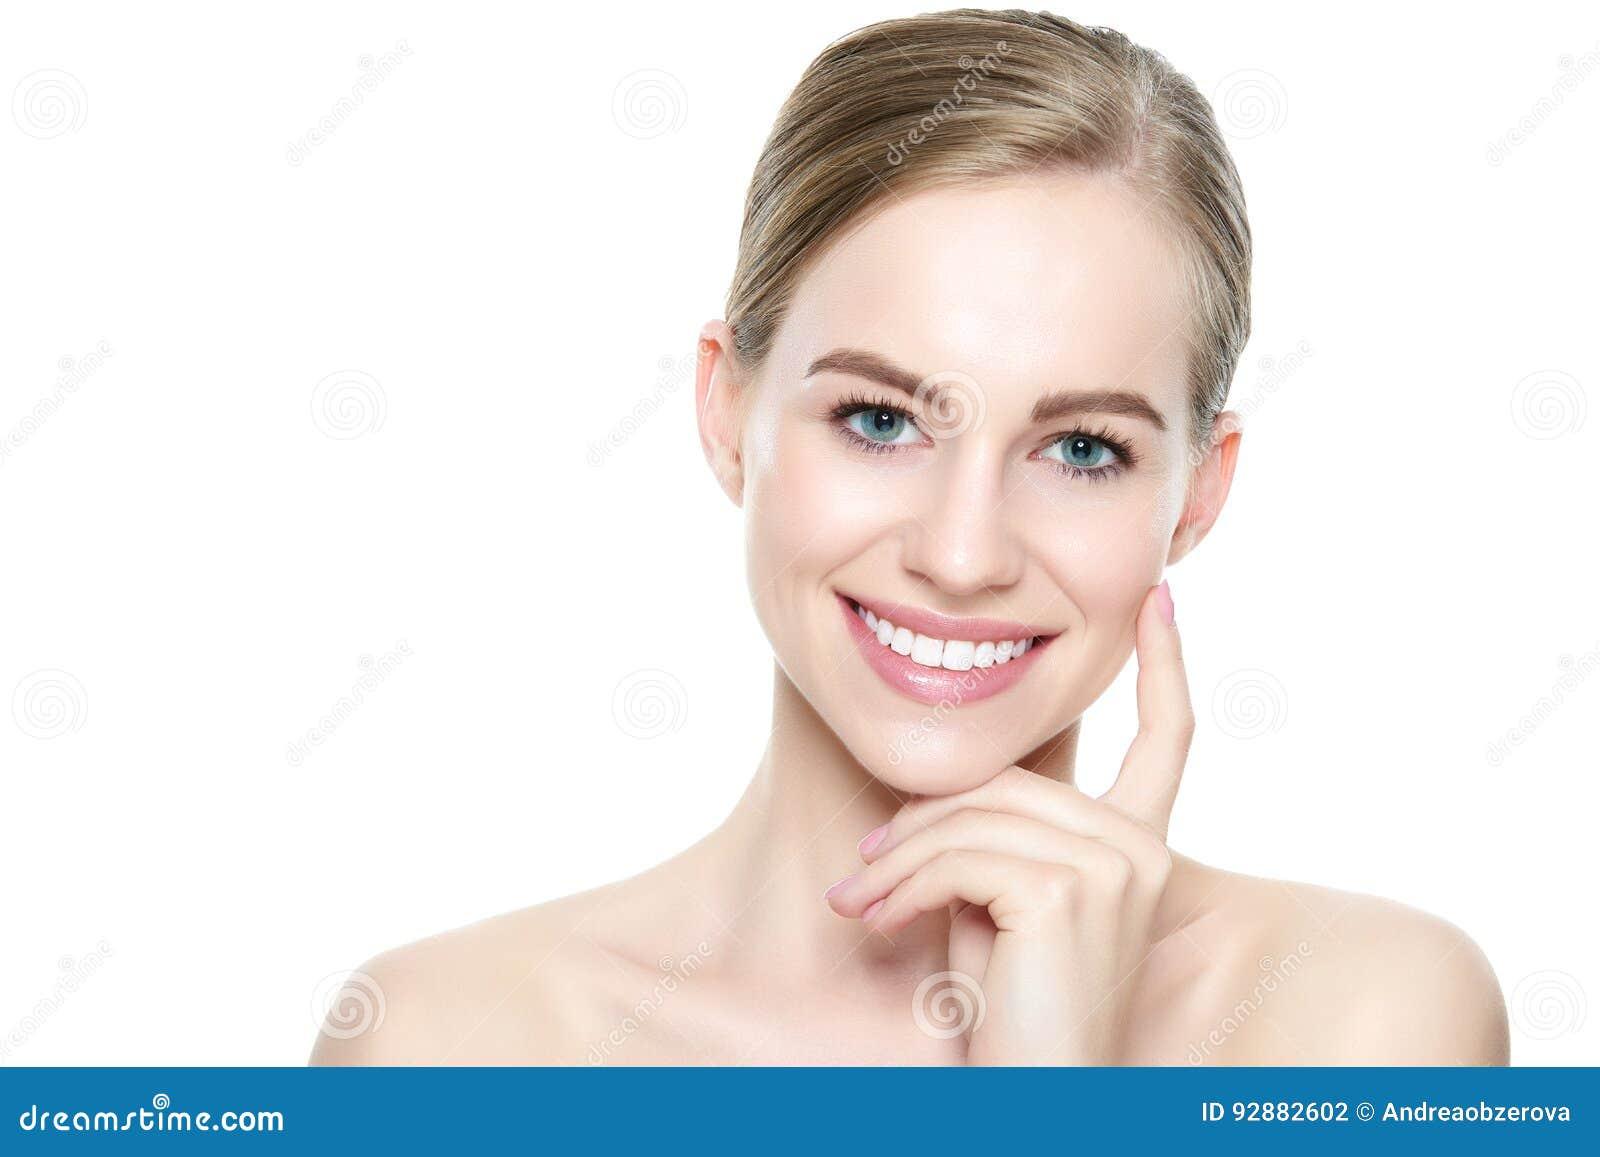 Härlig ung blond le kvinna med ren hud, naturligt smink och perfekta vita tänder